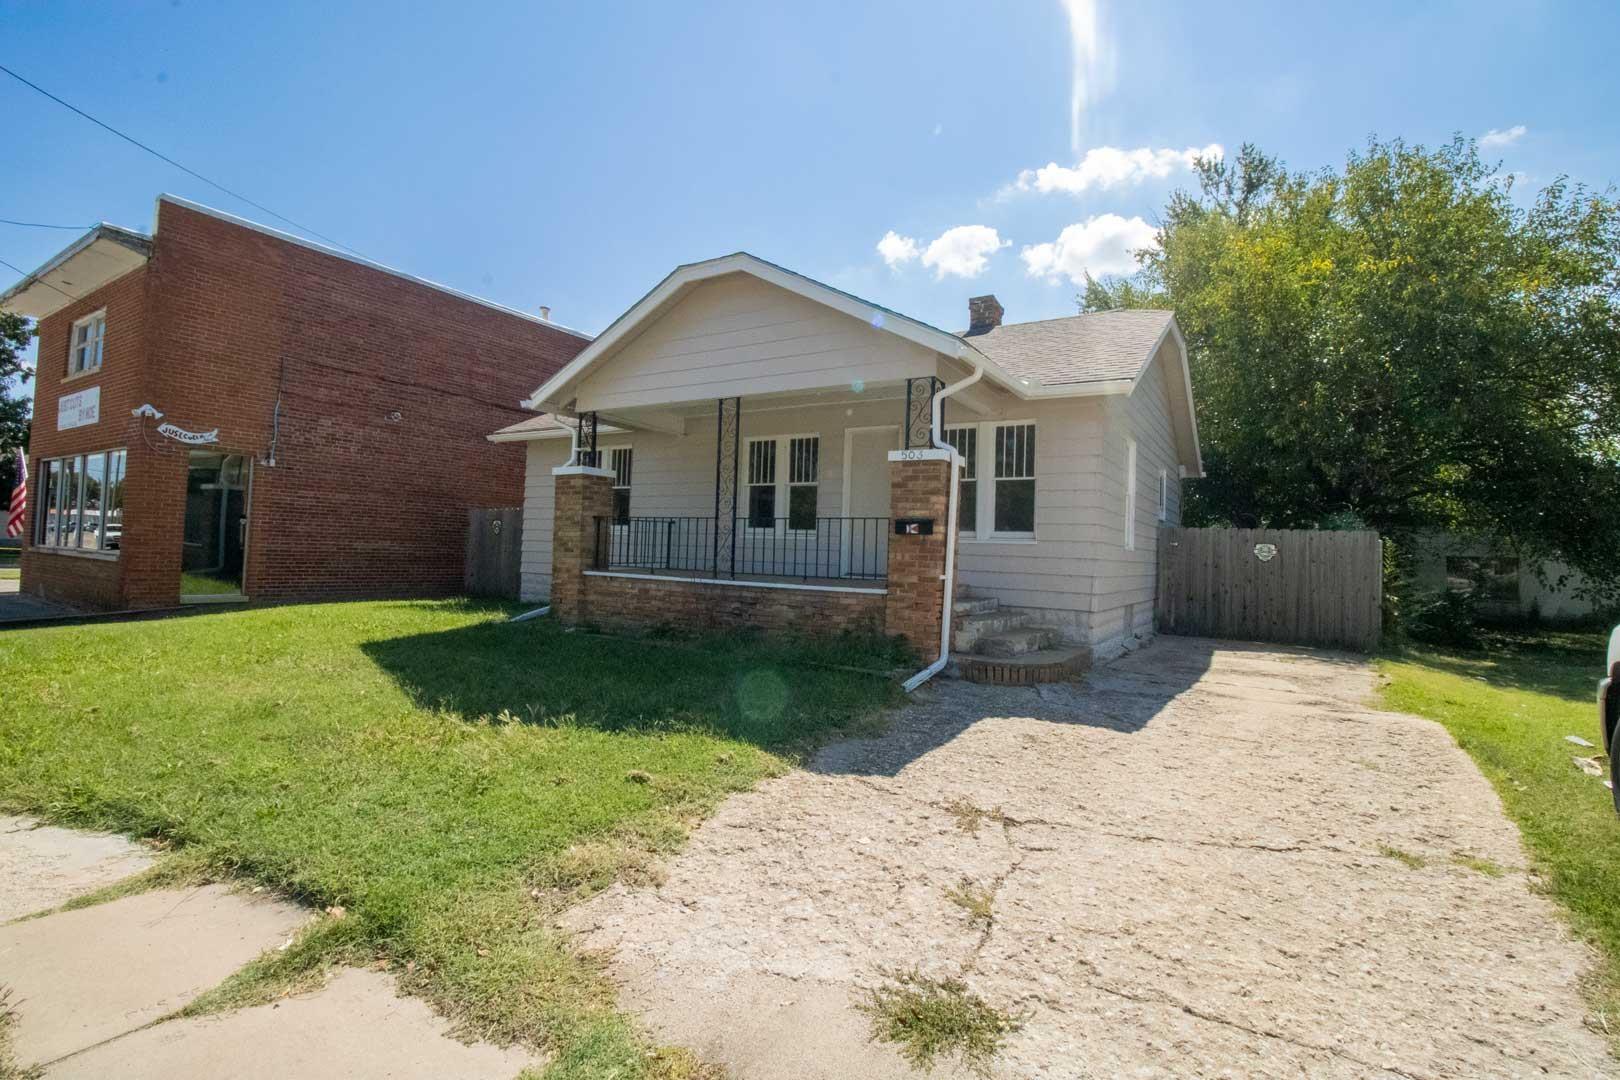 503 W Harry St, Wichita, KS, 67213